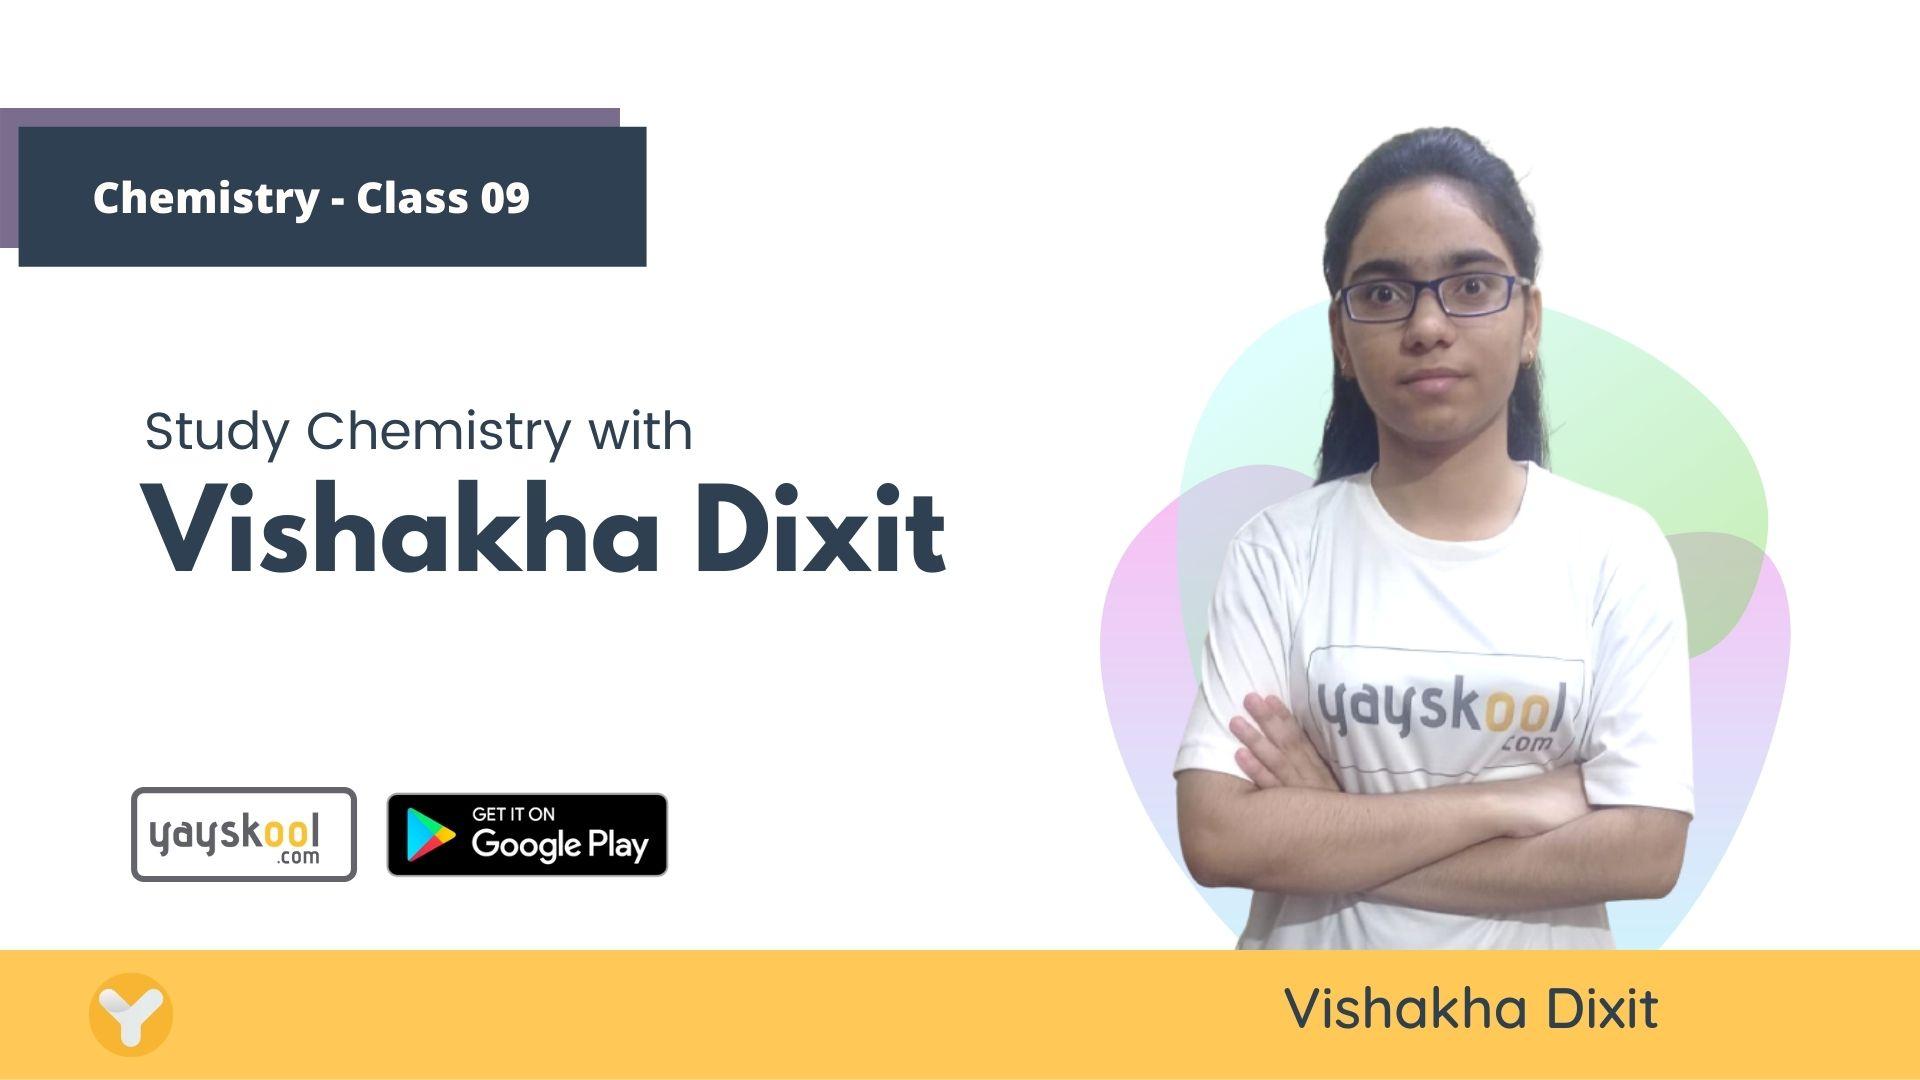 science-course-class09-vishakha-dixit